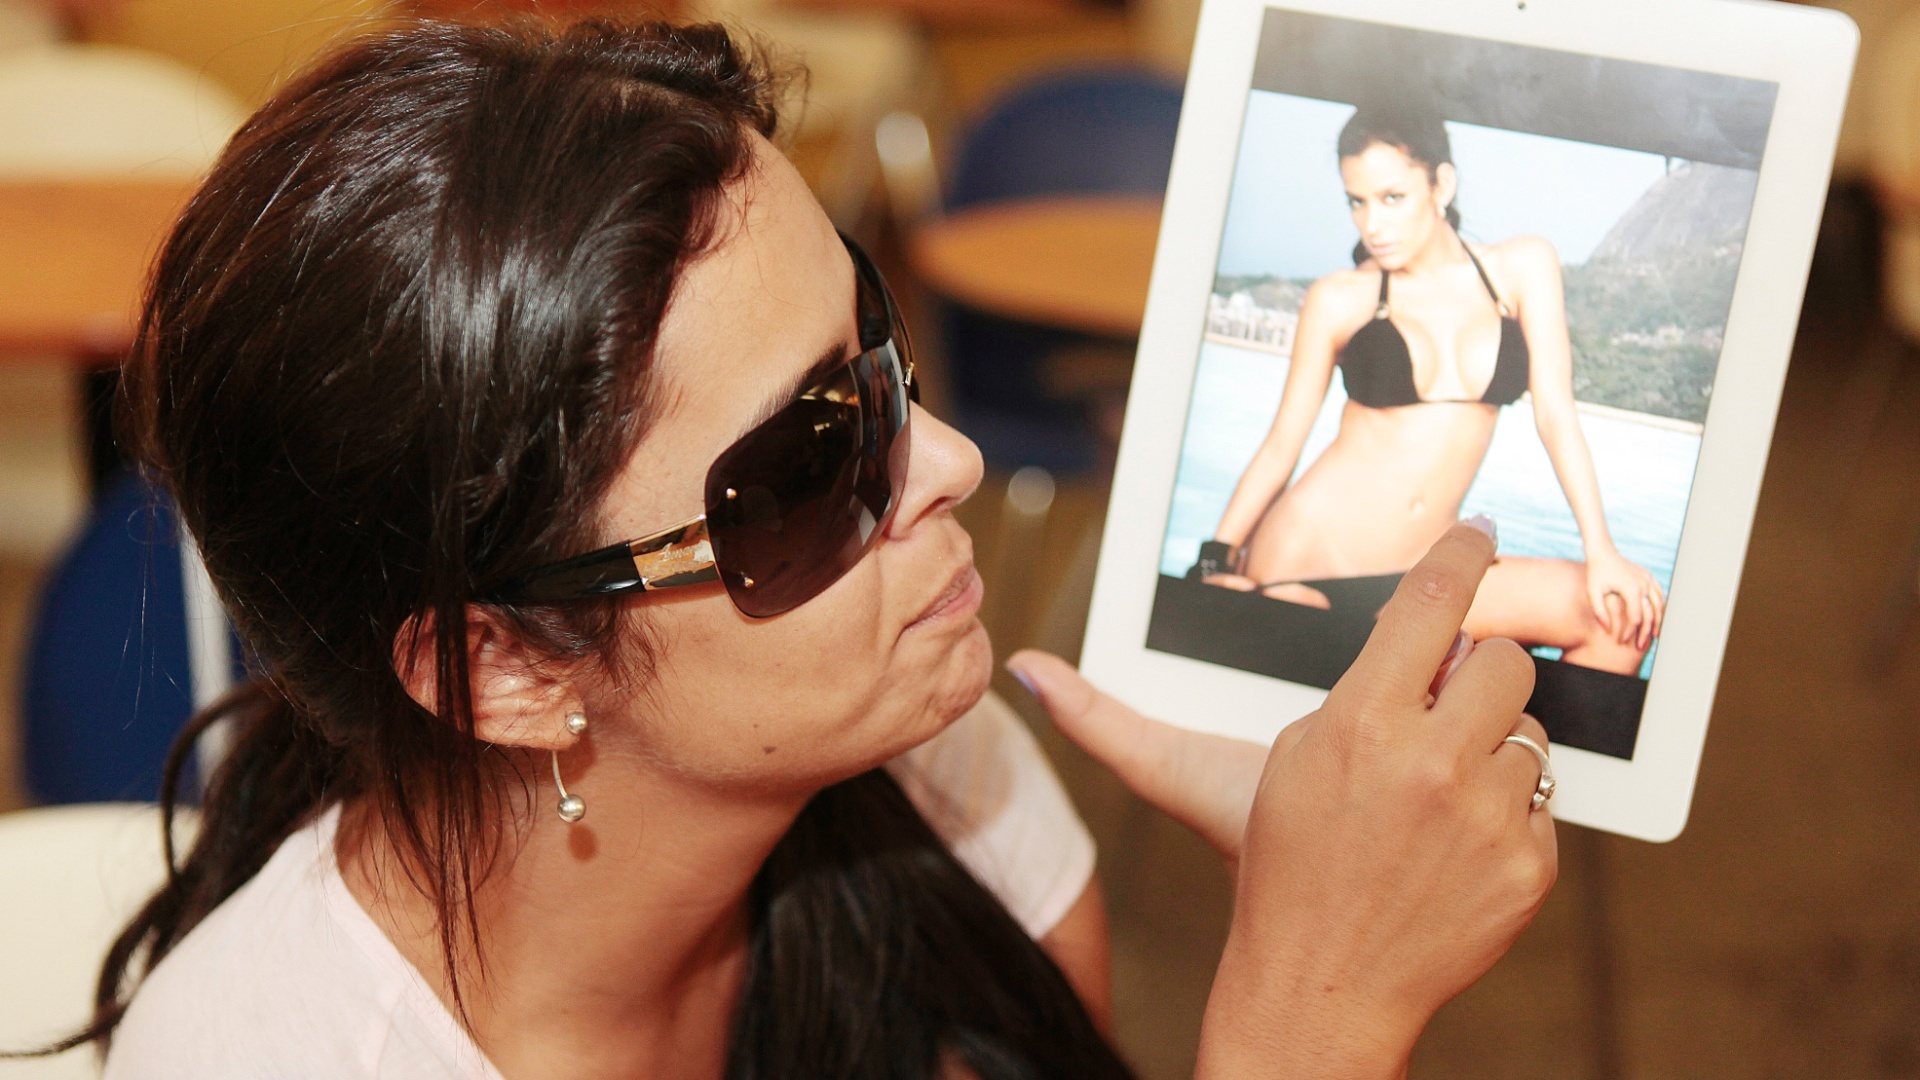 Larissa Riquelme mostra uma foto dela mesma, de biquini, em um ensaio antigo